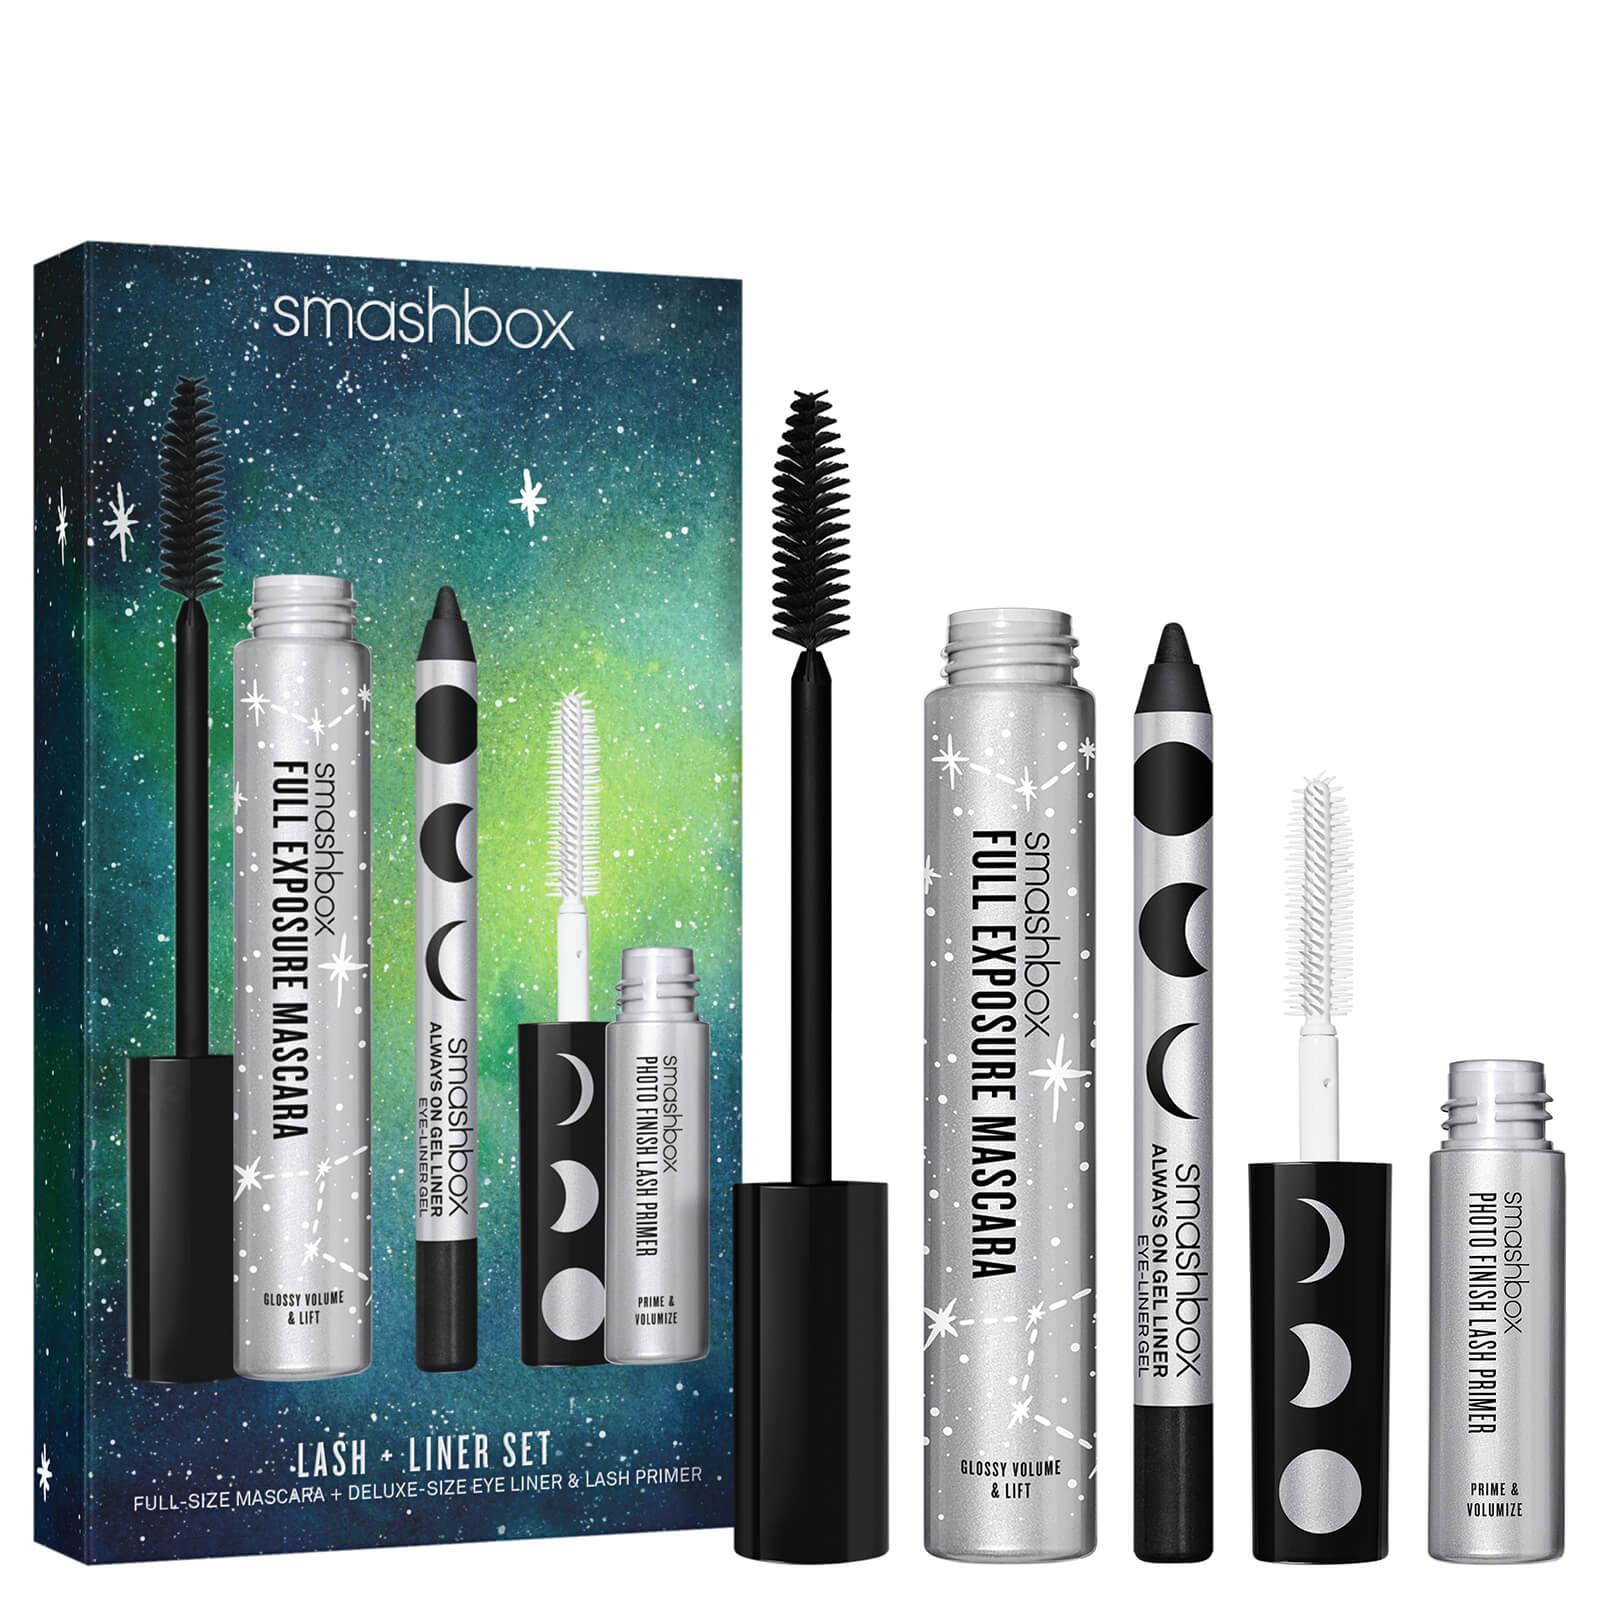 Smashbox Cosmic Celebration Lash + Liner Set now £18.00 delivered with code @ Look Fantastic